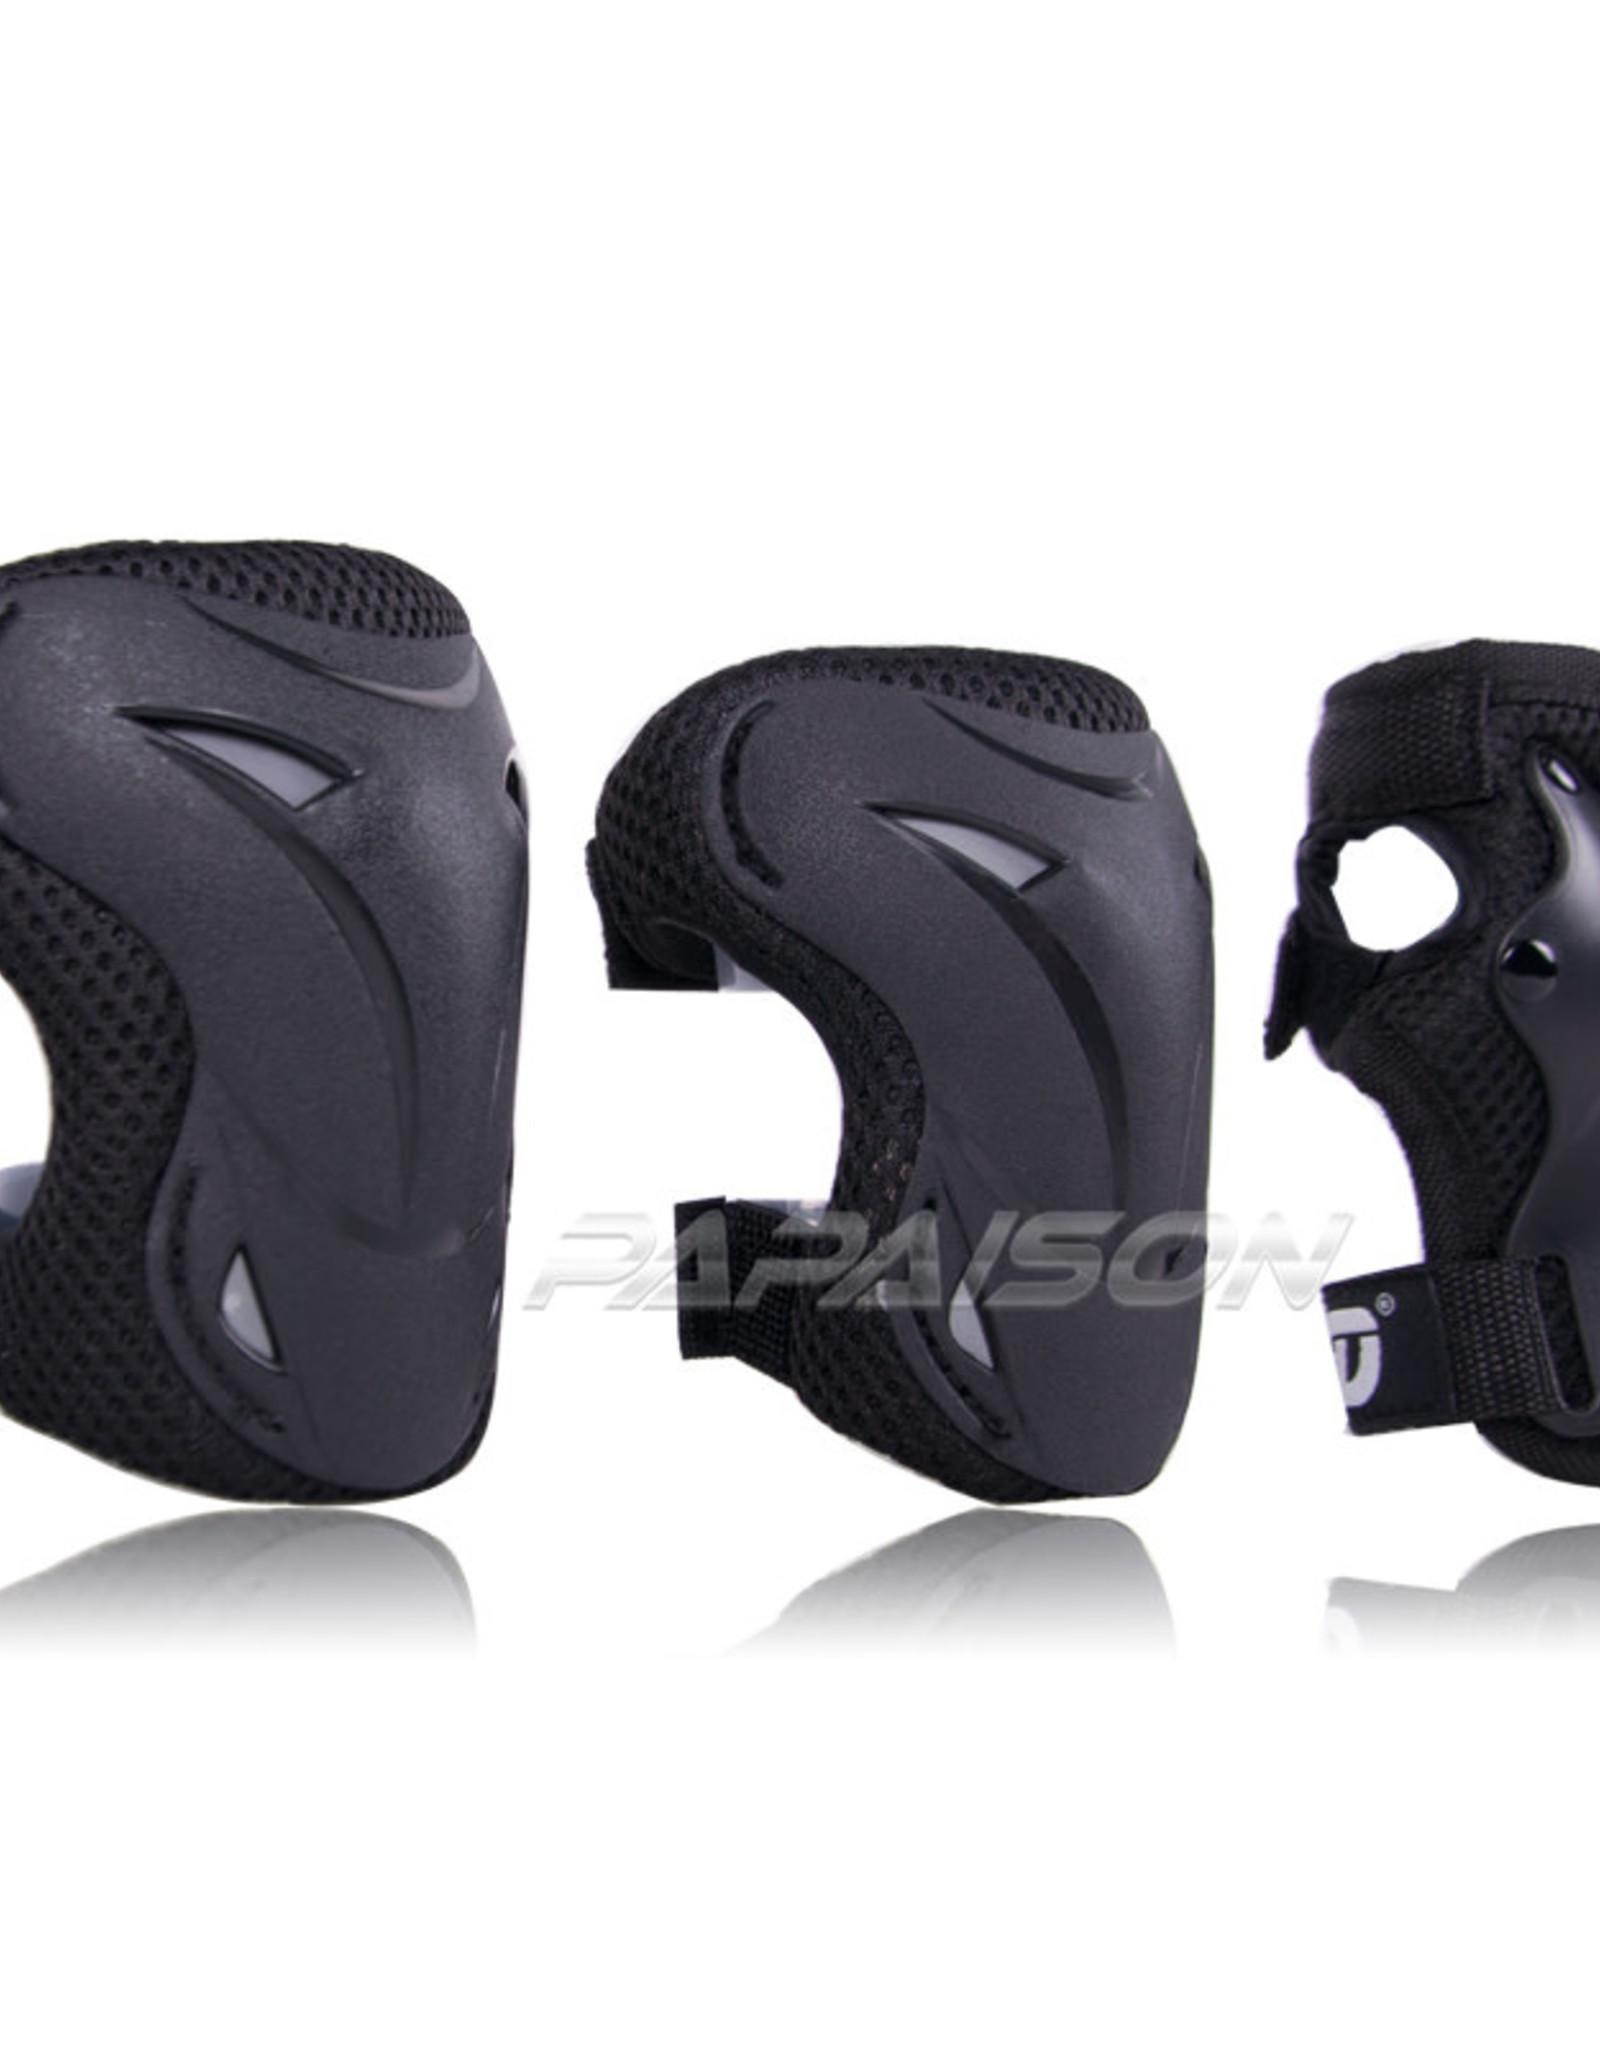 Papaison Protection2 Patin à roues JR  (L) ensemble de 3 Noir